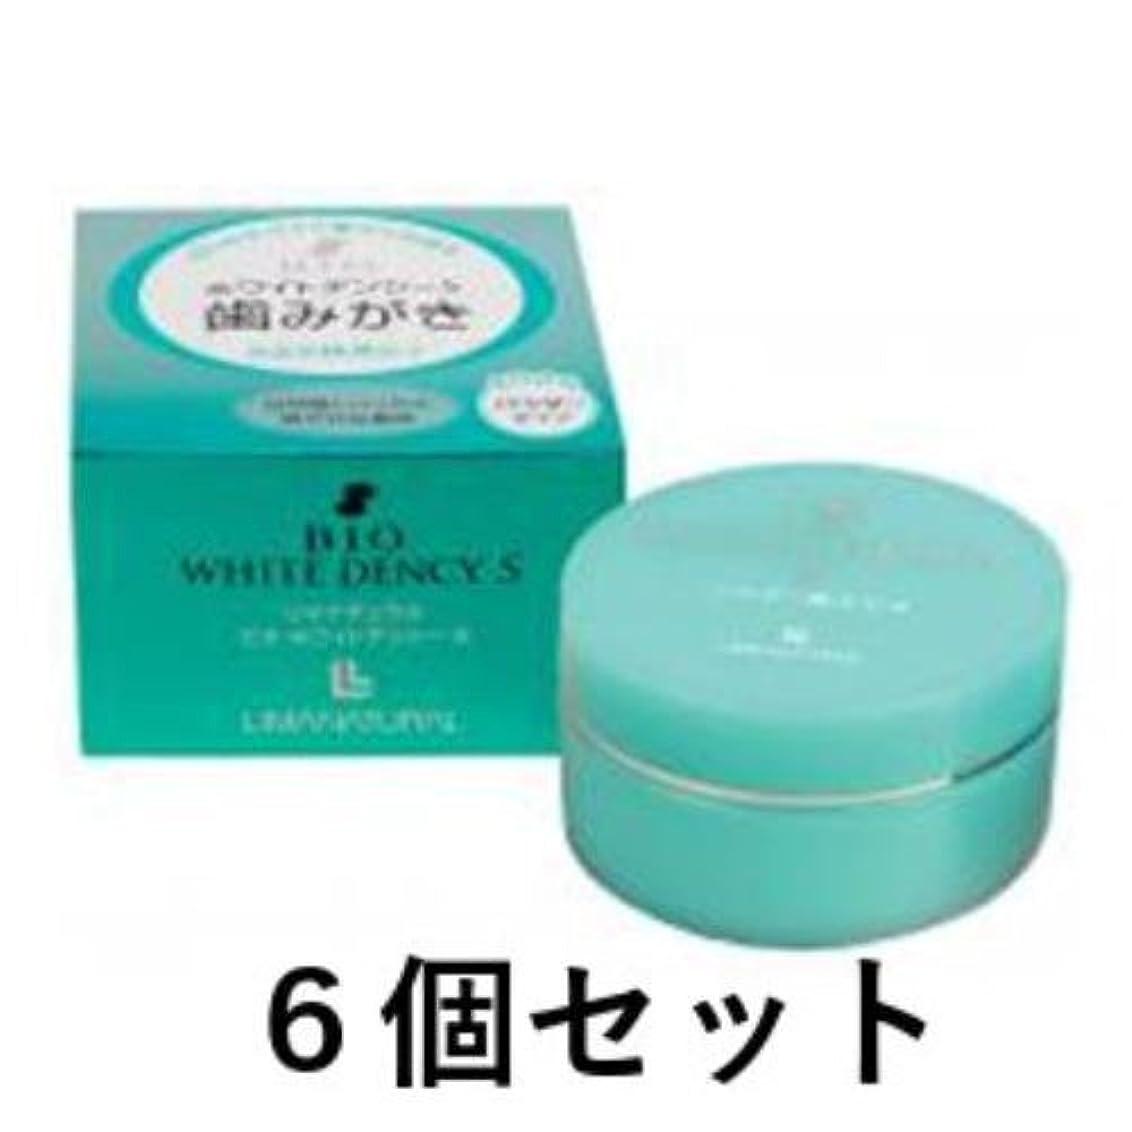 正確大脳びっくり自然海塩とハッカ油の爽やかな香味 無添加のパウダー歯磨き ビオ?ホワイトデンシーS 20g 6本セット